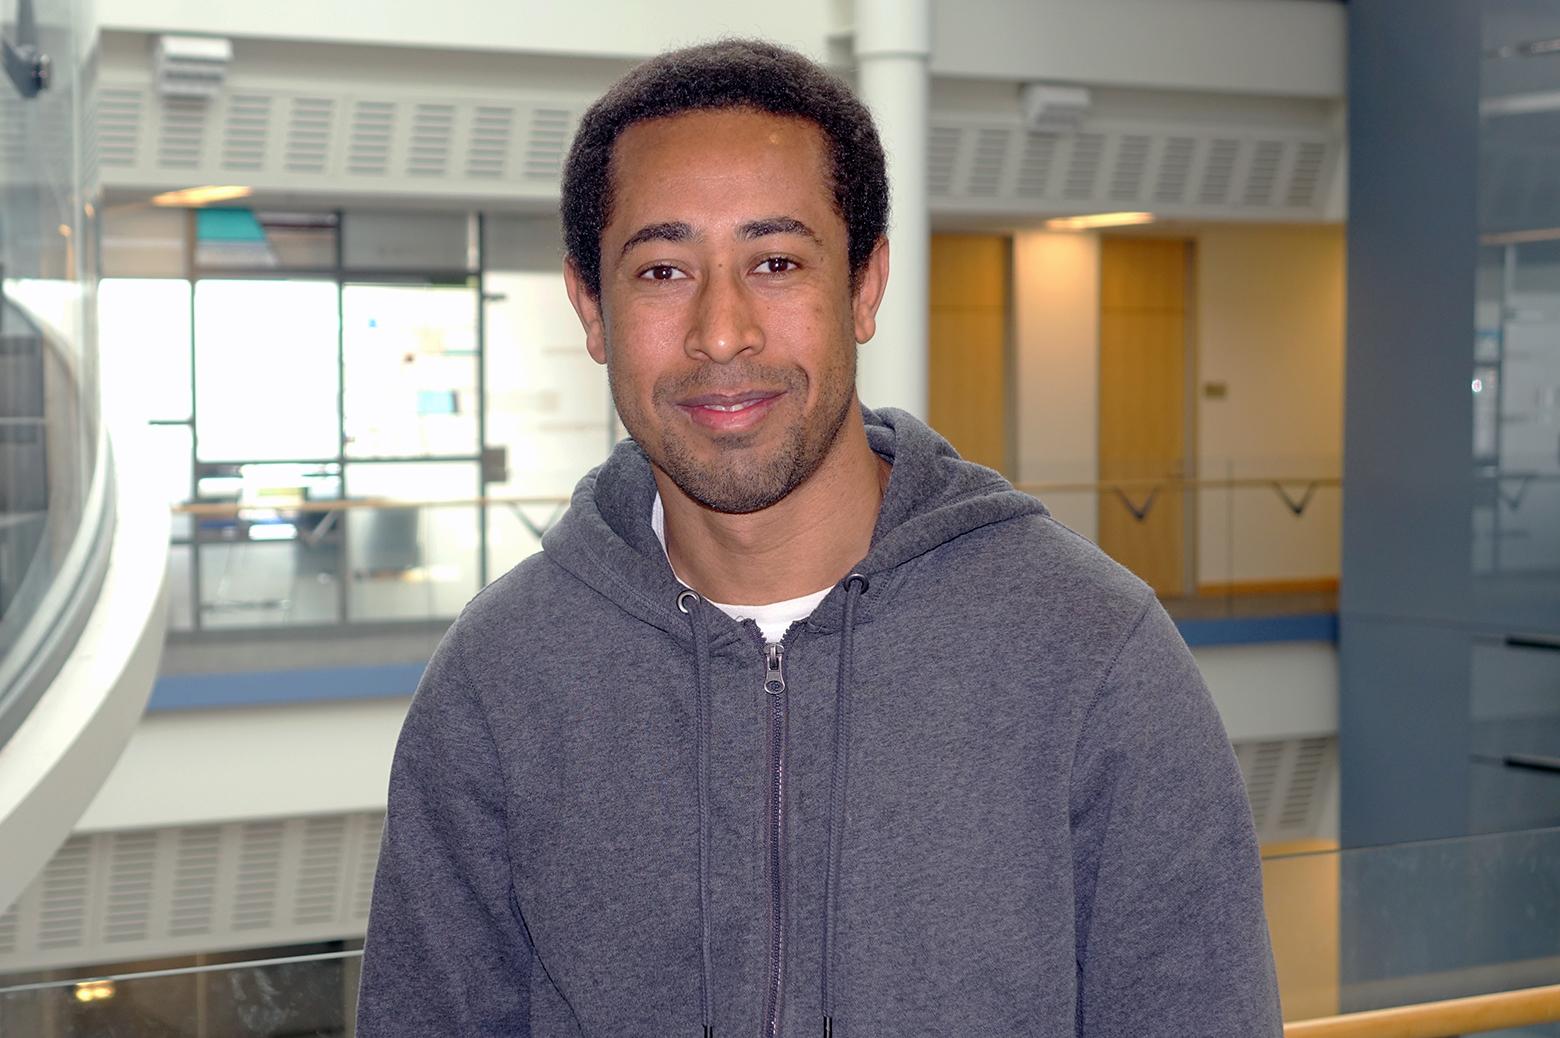 Abraham Addisie